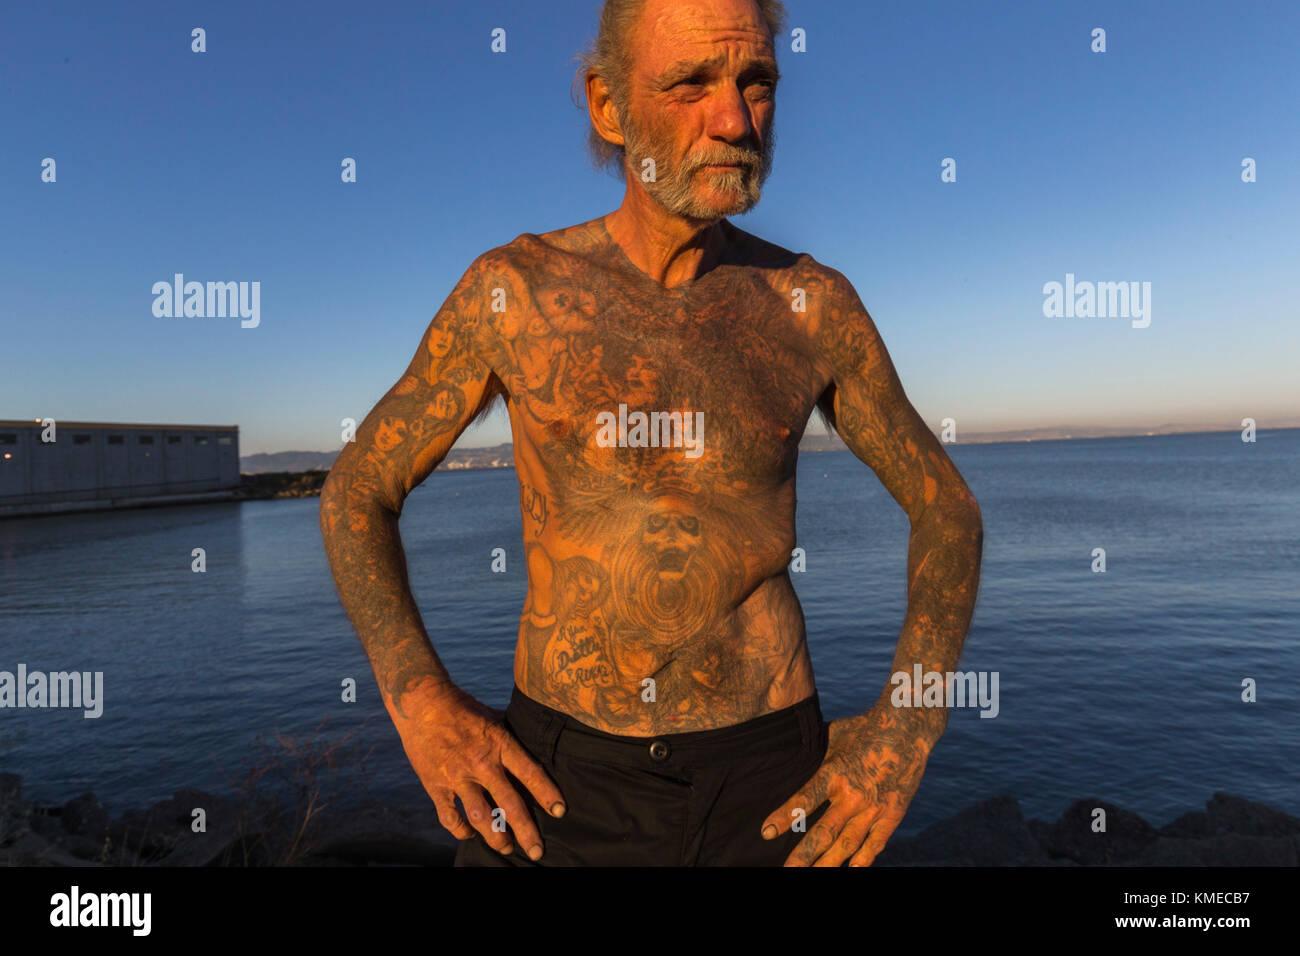 Ritratto di uomo senza tetto ad acqua calda cove park, San Francisco, California, Stati Uniti d'America Immagini Stock